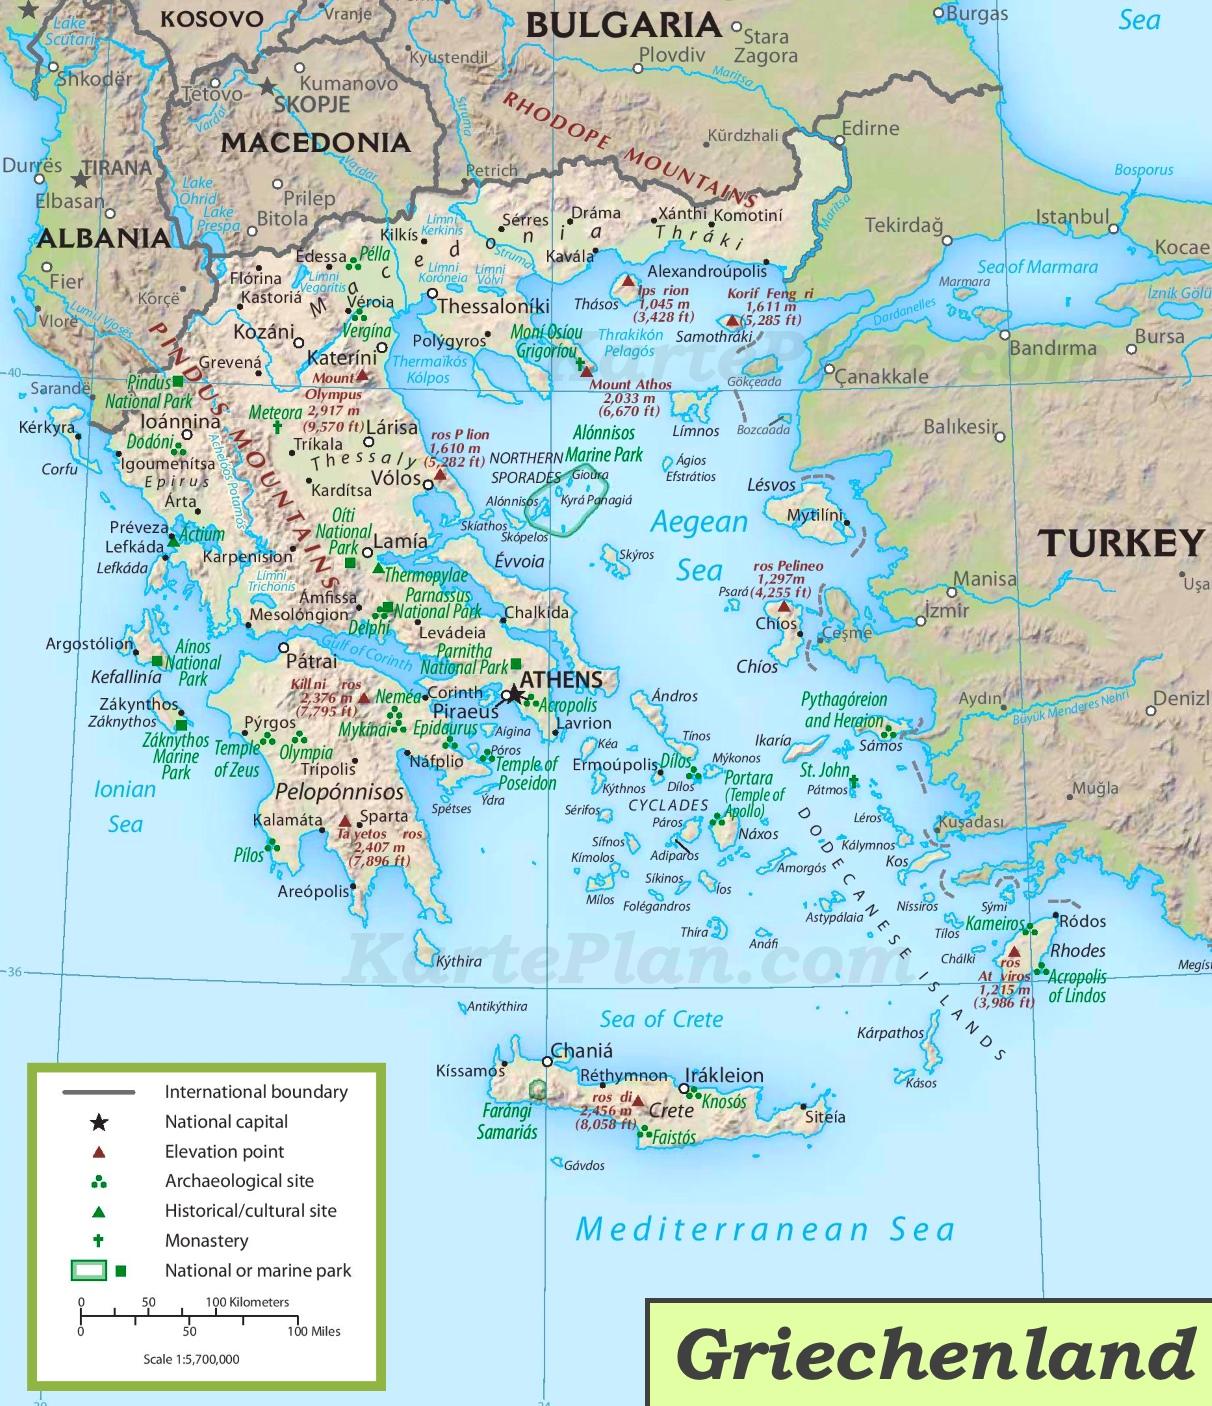 Karte Griechenland.Griechenland Touristische Karte